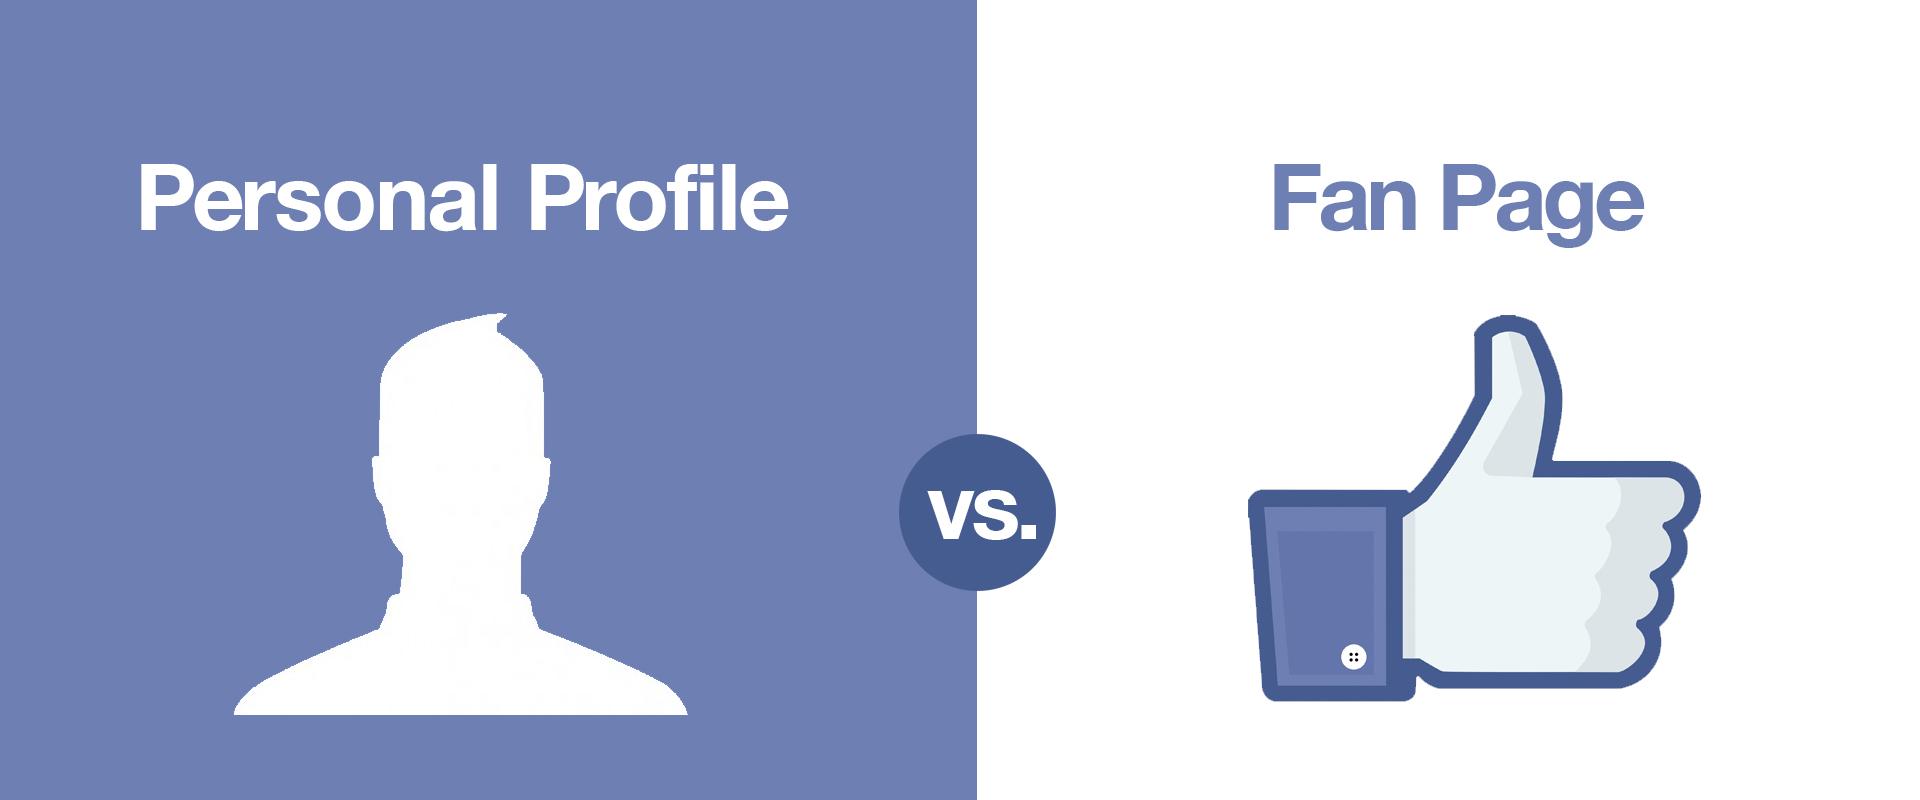 Nên làm thương hiệu cá nhân trên Page hay Profile?